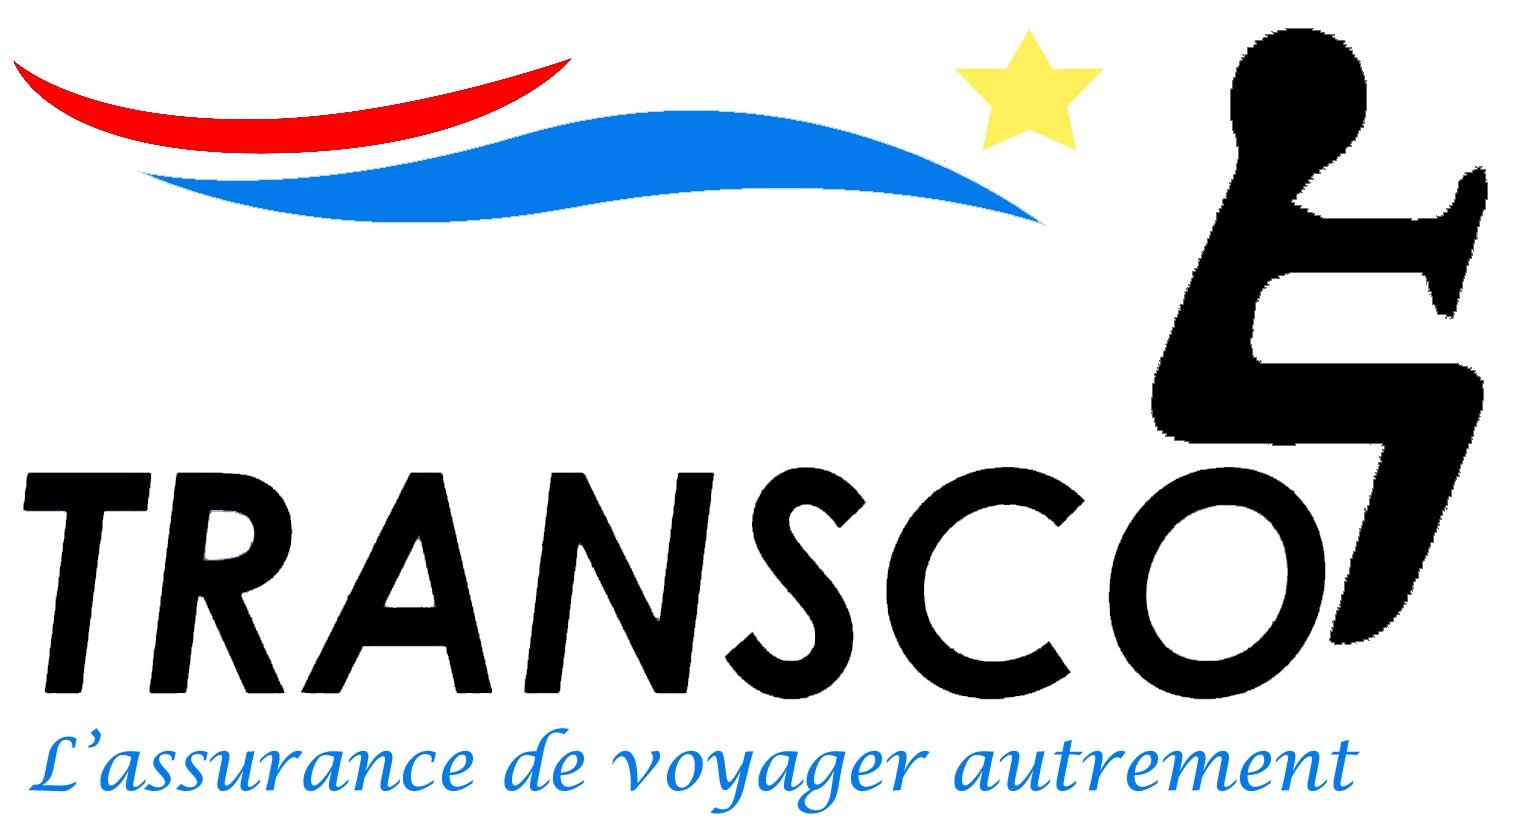 RDC : Transco rétablit la vérité en 12 points sur les accusations portées contre elle par l'ODEP!